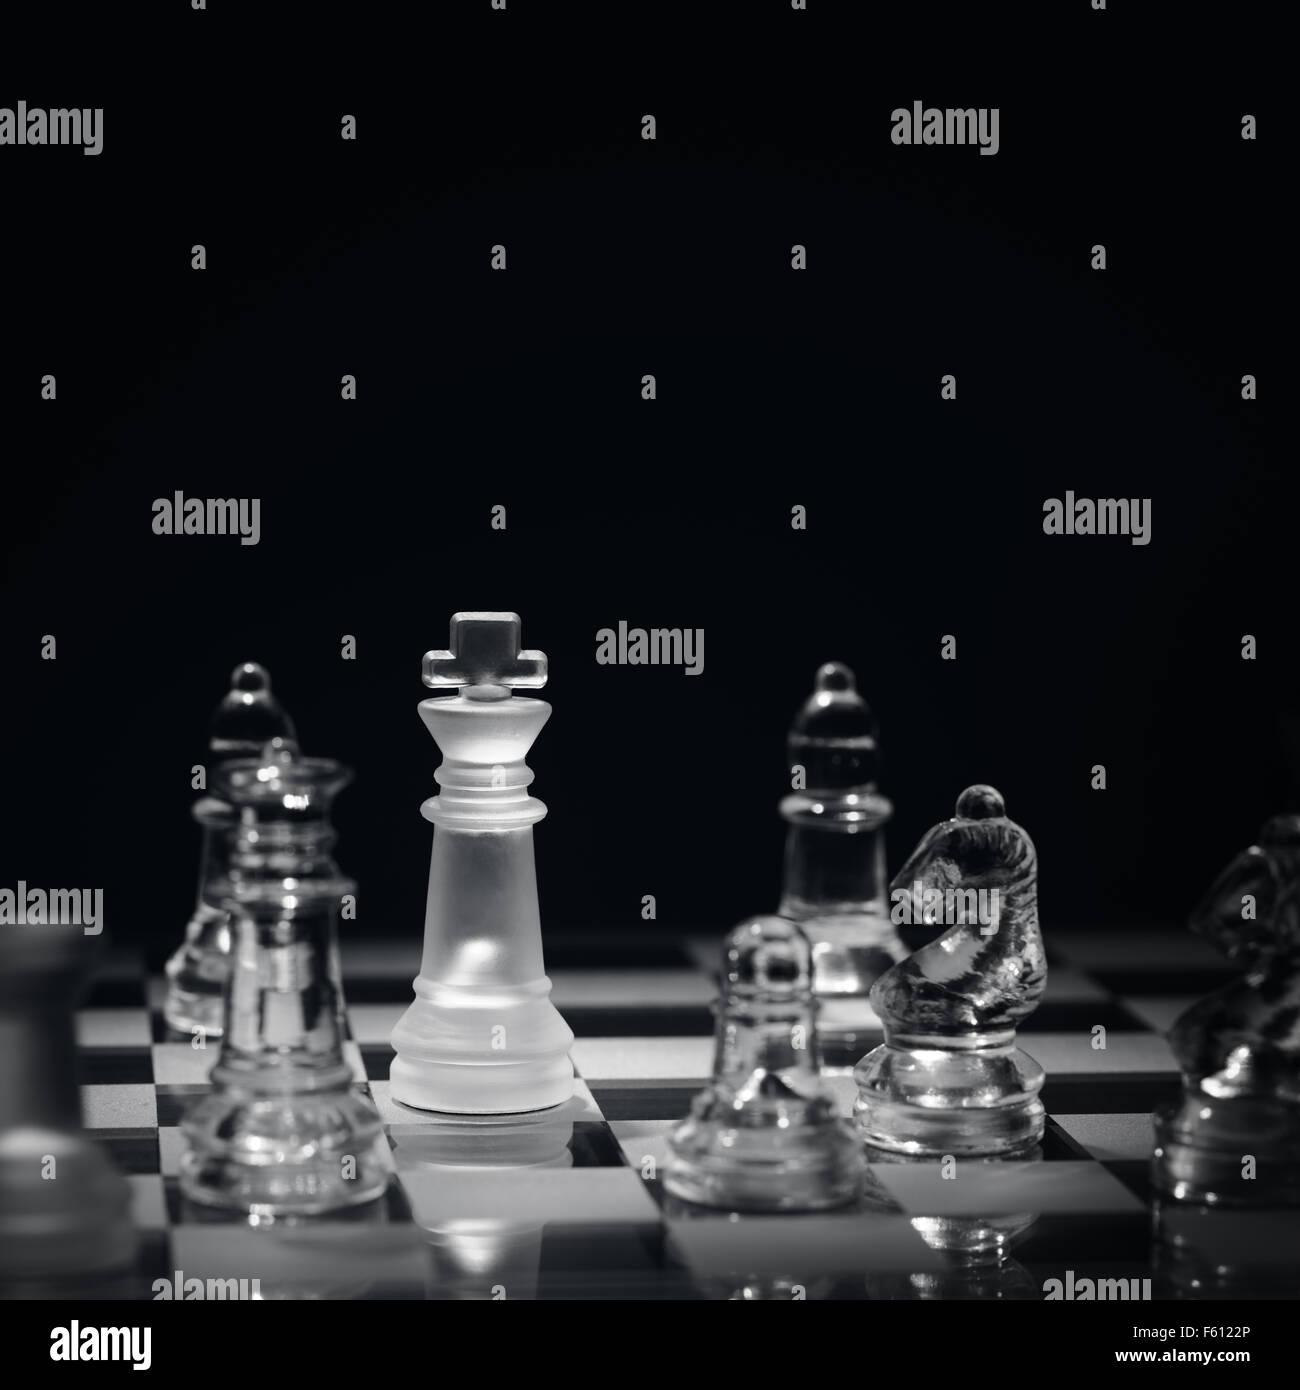 Juego de ajedrez con jaque concepto para ganar, la estrategia de negocio, la competencia y el éxito Imagen De Stock